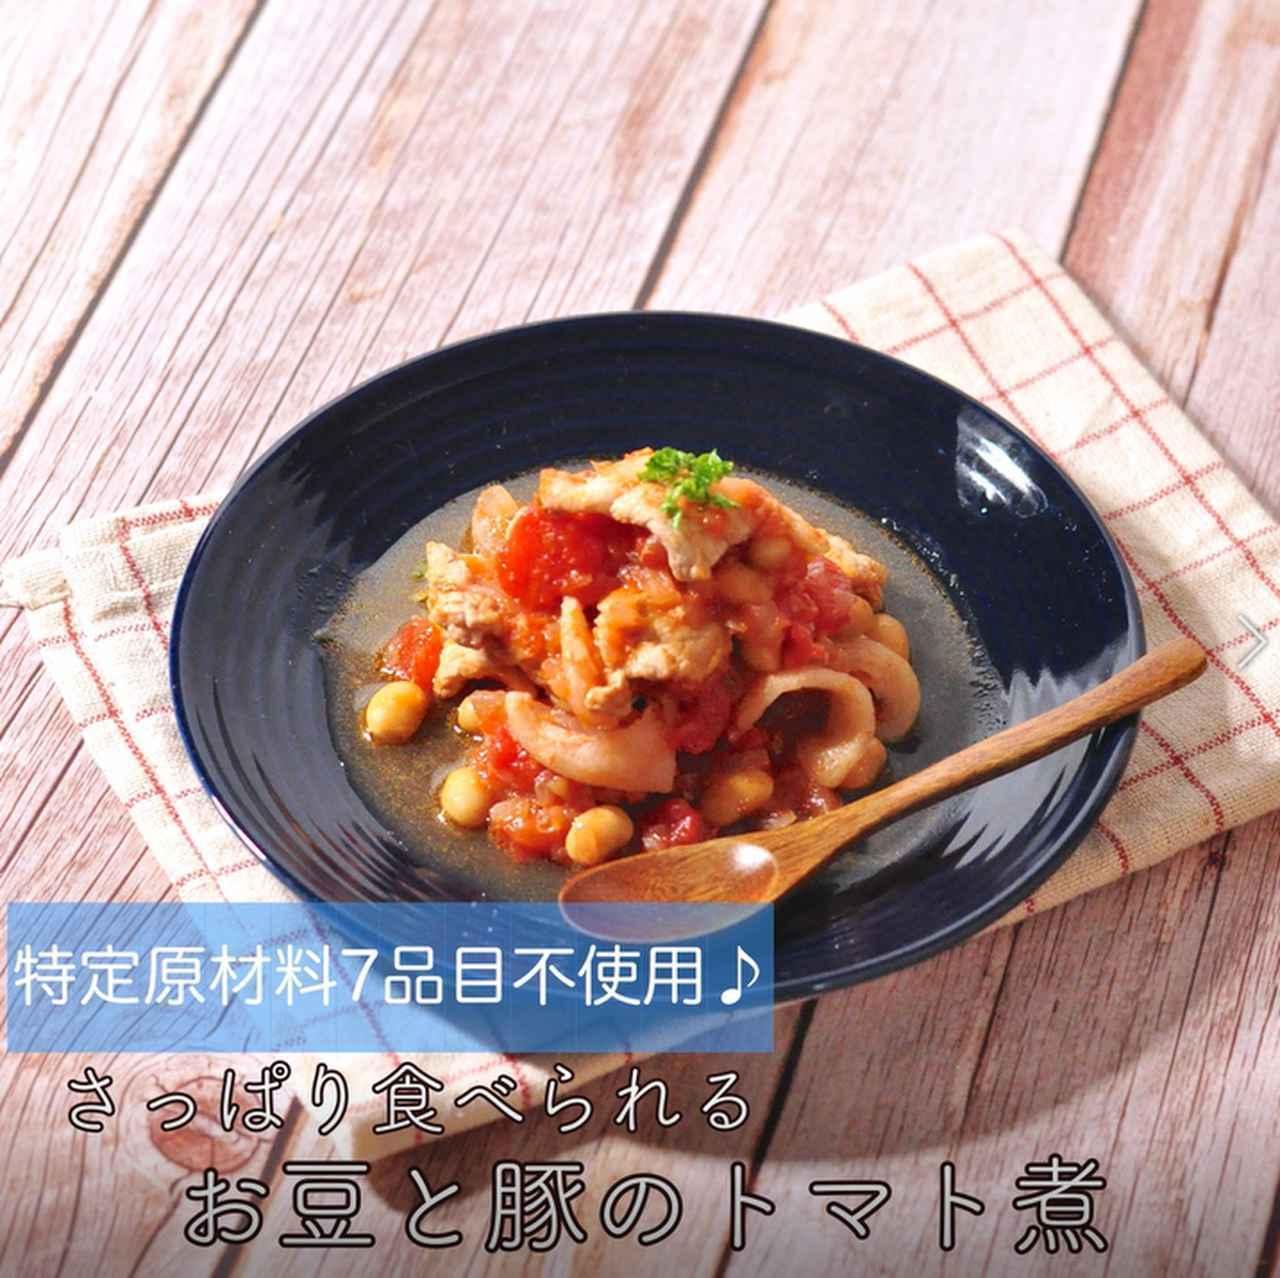 画像: さっぱり食べられる大豆と豚のトマト煮 - 君とごはん